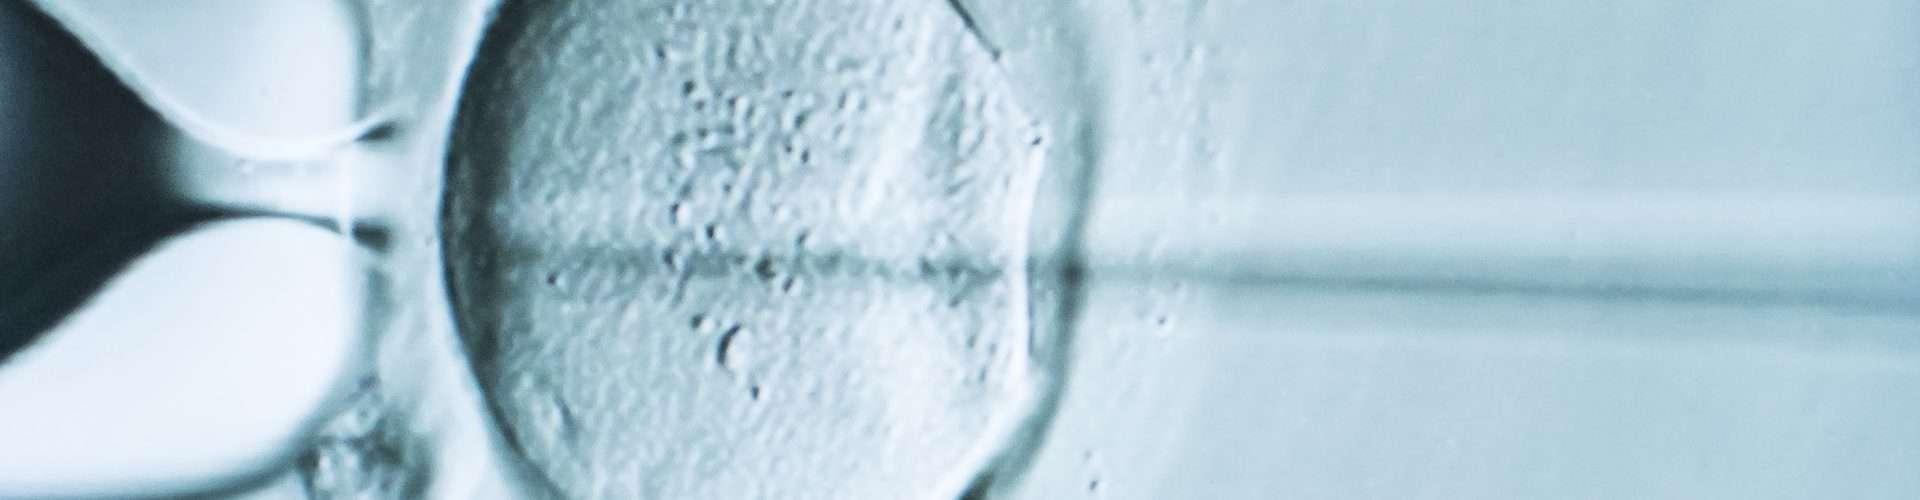 inyección ICSI en el óvulo